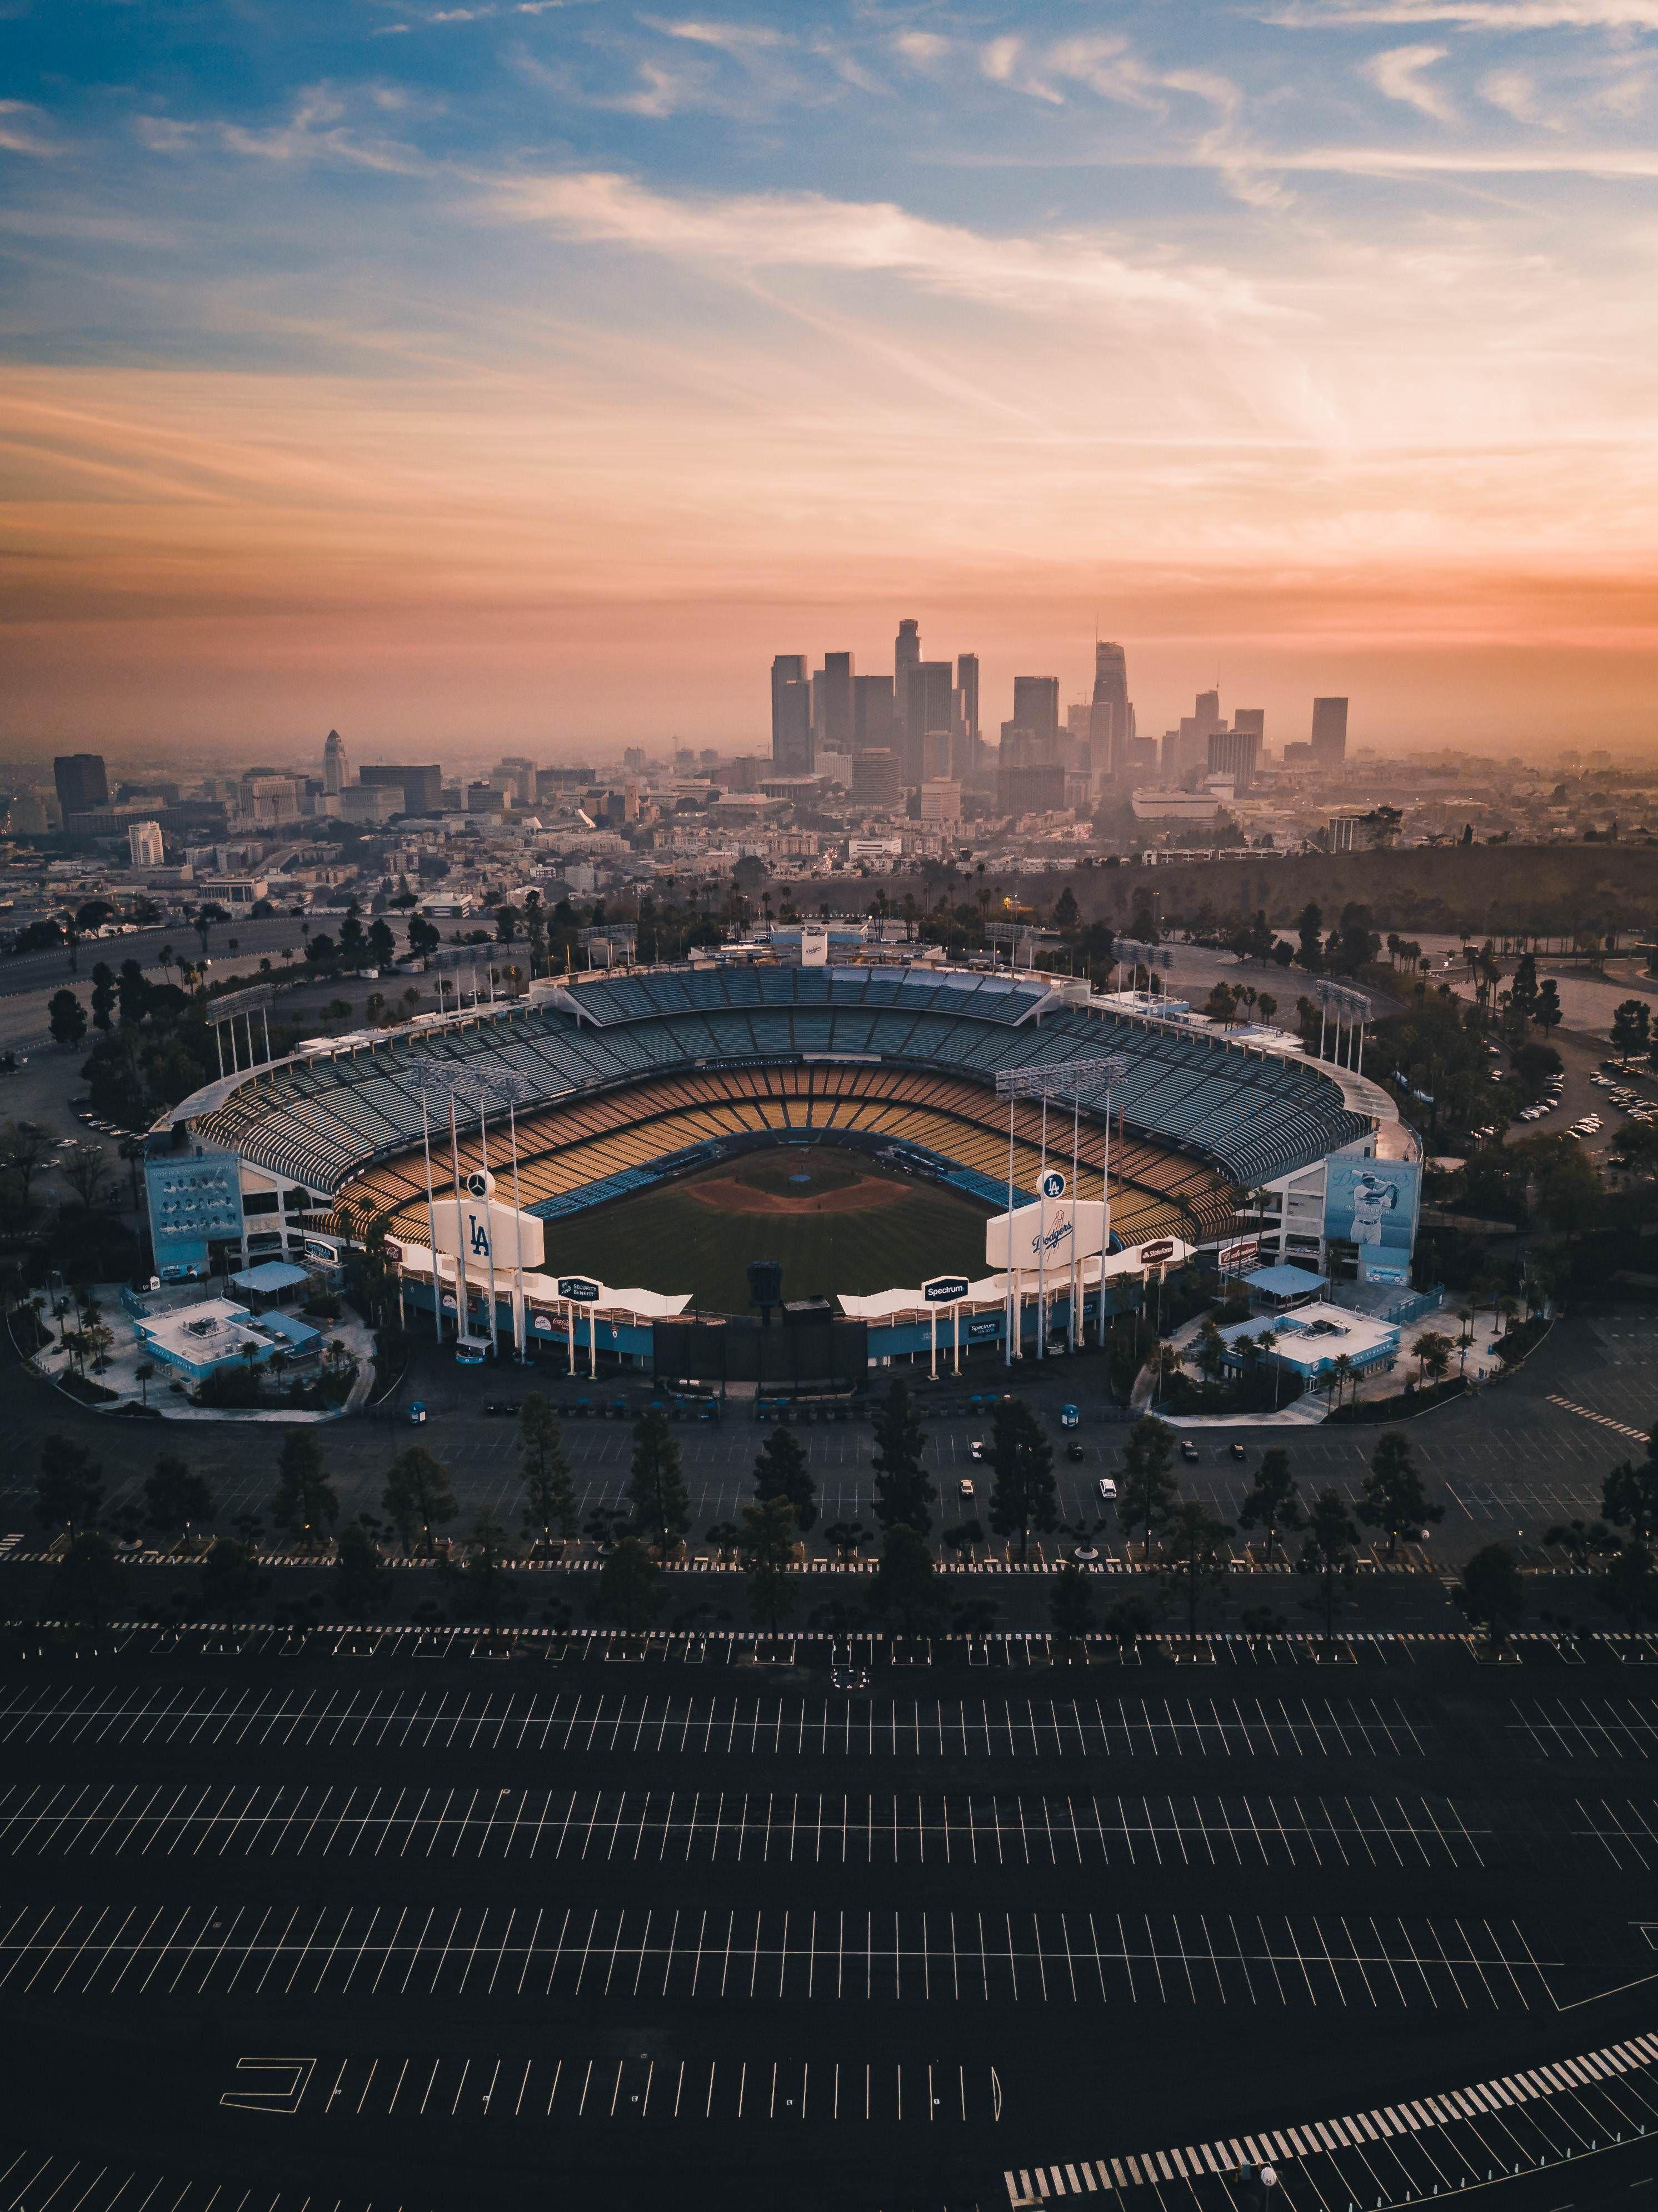 Dodger Stadium Imgur Dodger stadium, Dodgers, Dodgers